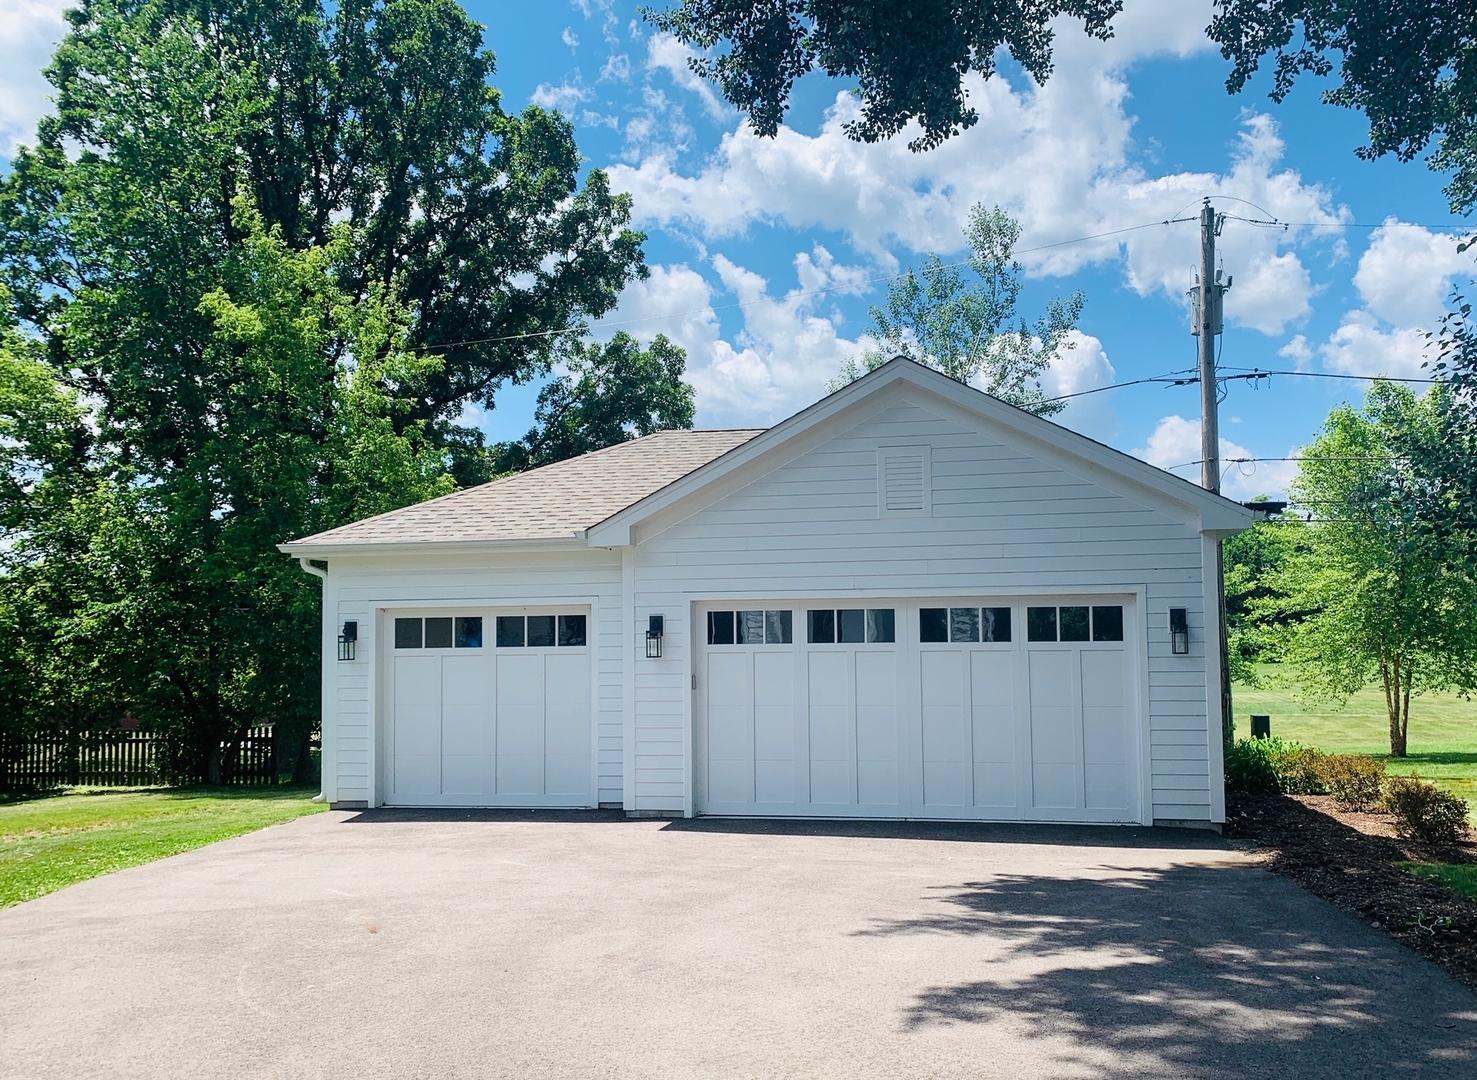 826 Grove ,Barrington, Illinois 60010